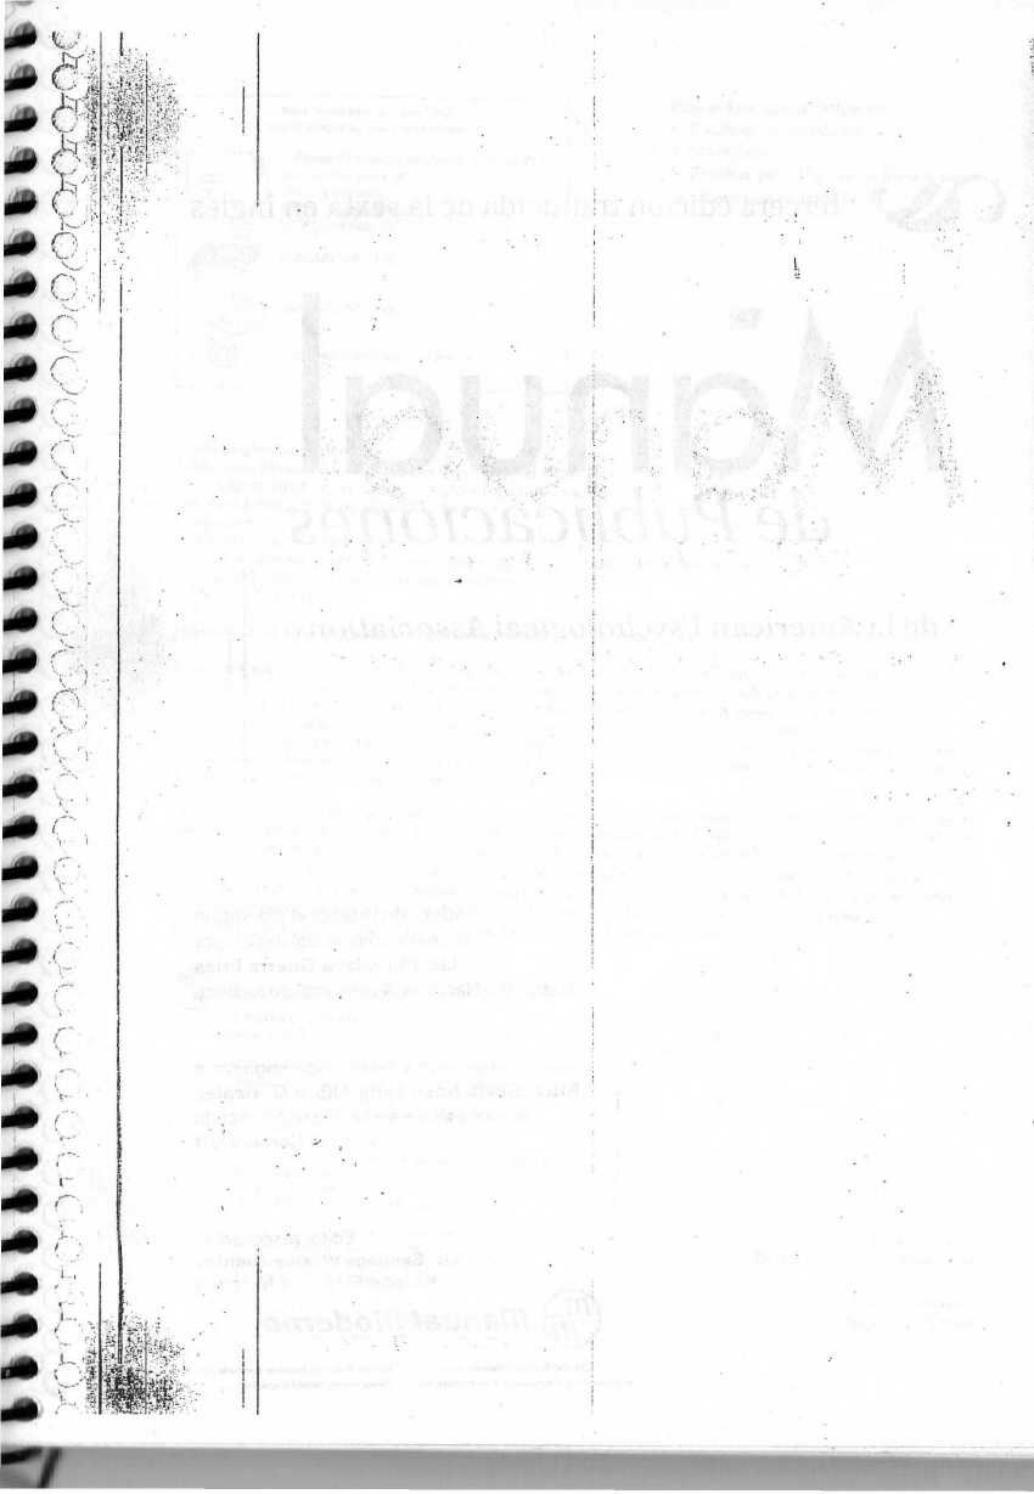 Manual completo apa 6 edicion español 2017 by Achatria